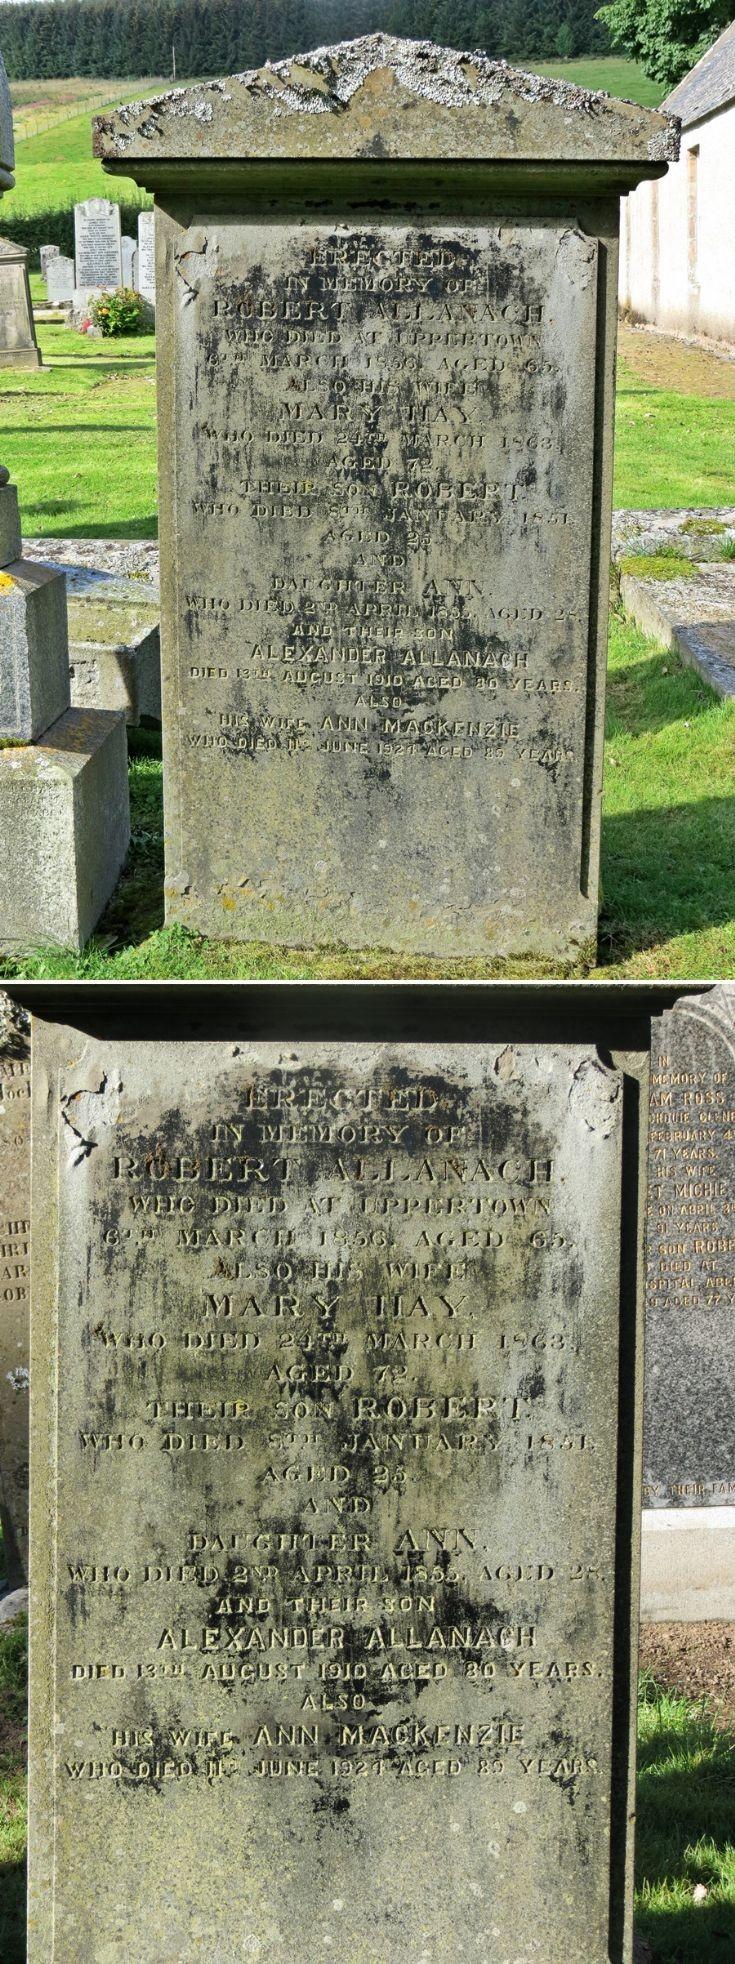 30 Grave Stone No 29 Robert Allanach